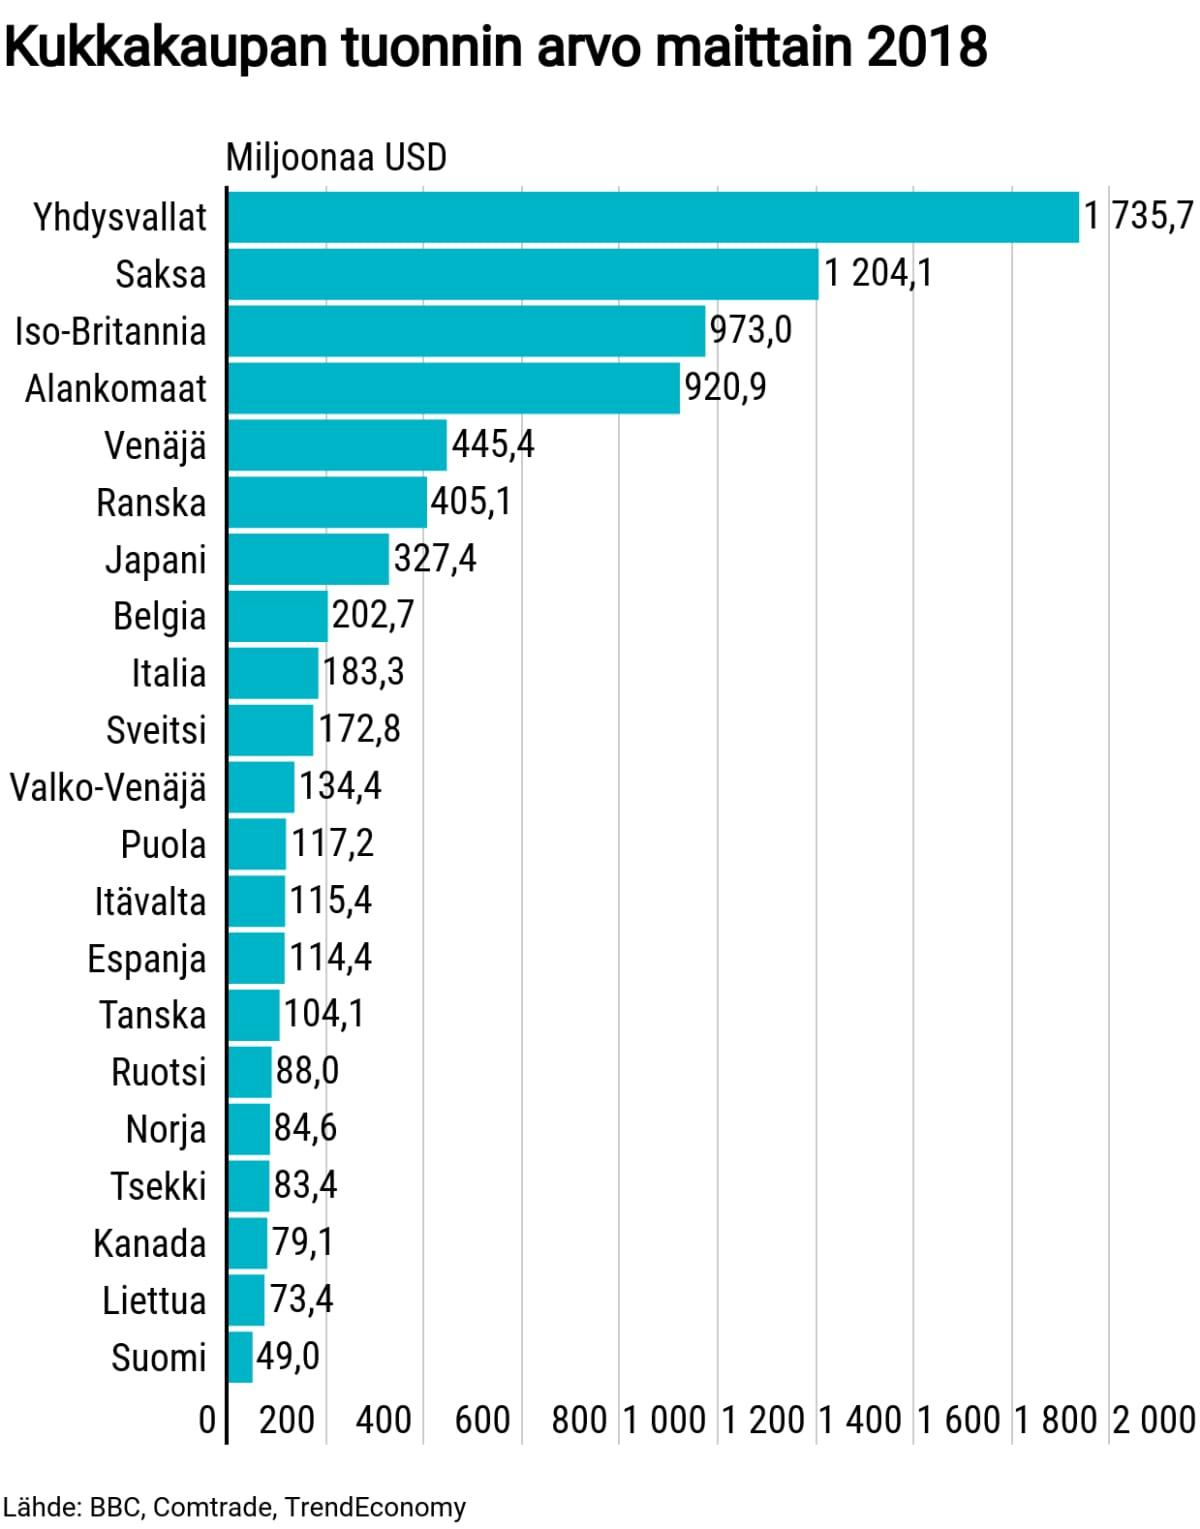 Tilastografiikka kukkakaupan tuonnin arvosta.